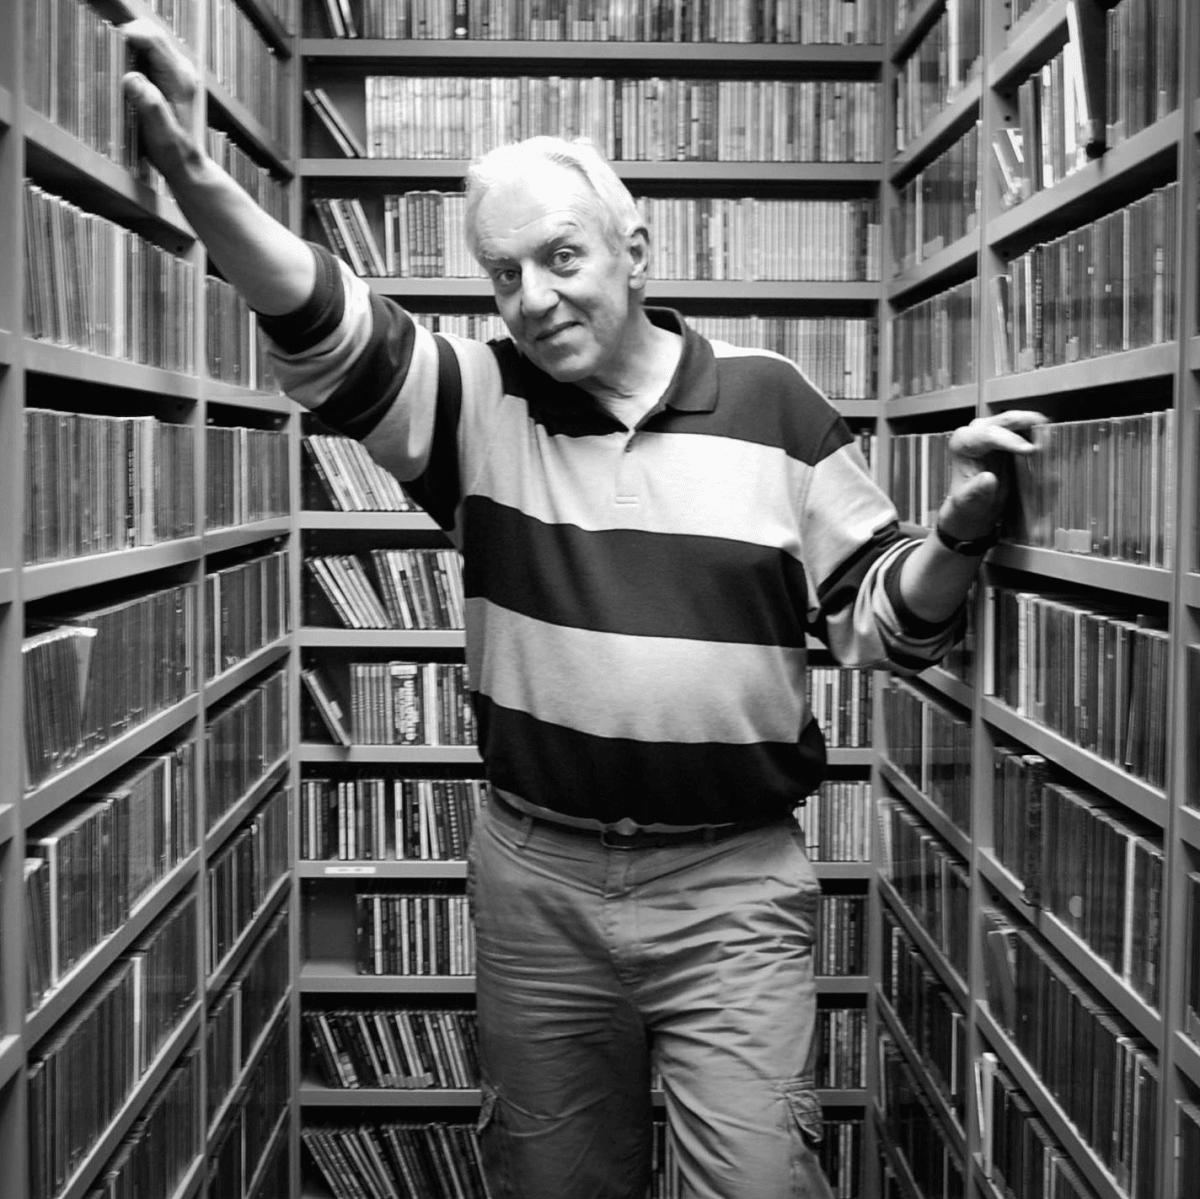 John Aielli radio DJ KUT CD music library